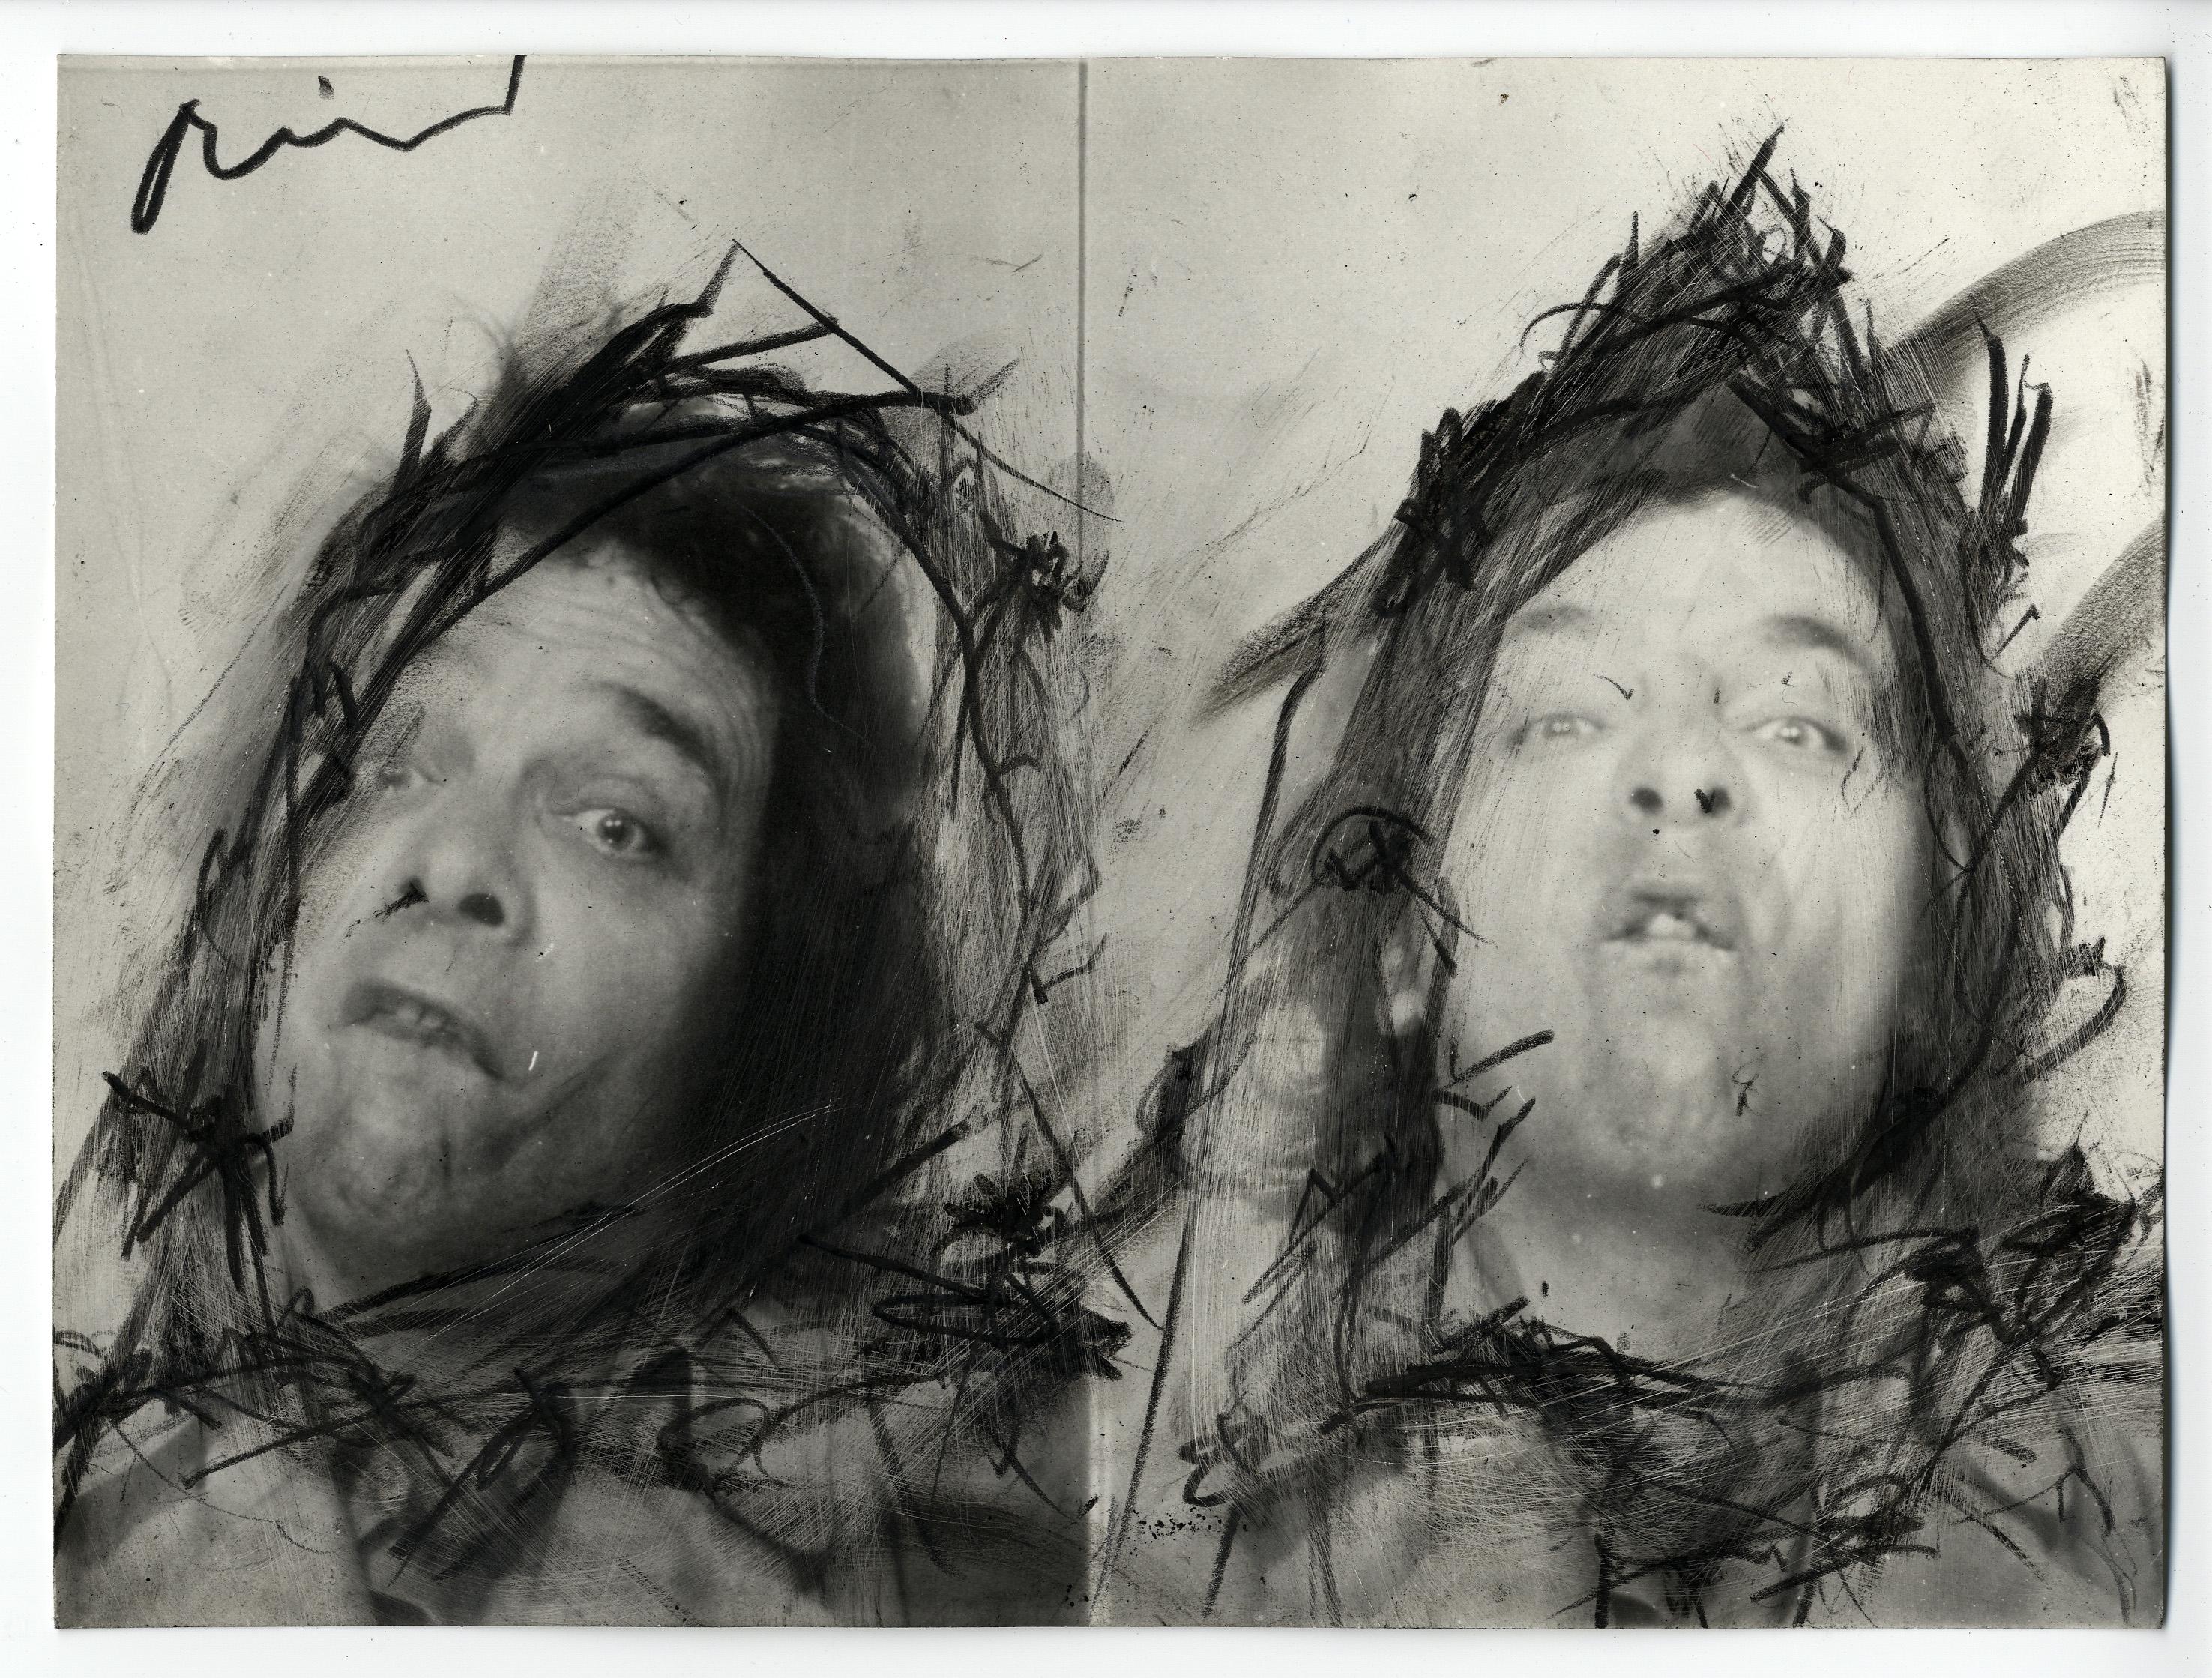 Arnulf Rainer: Face Farce, Schwarzstift auf Foto, 17,9 x 23,8 cm, entstanden 1970 - 74